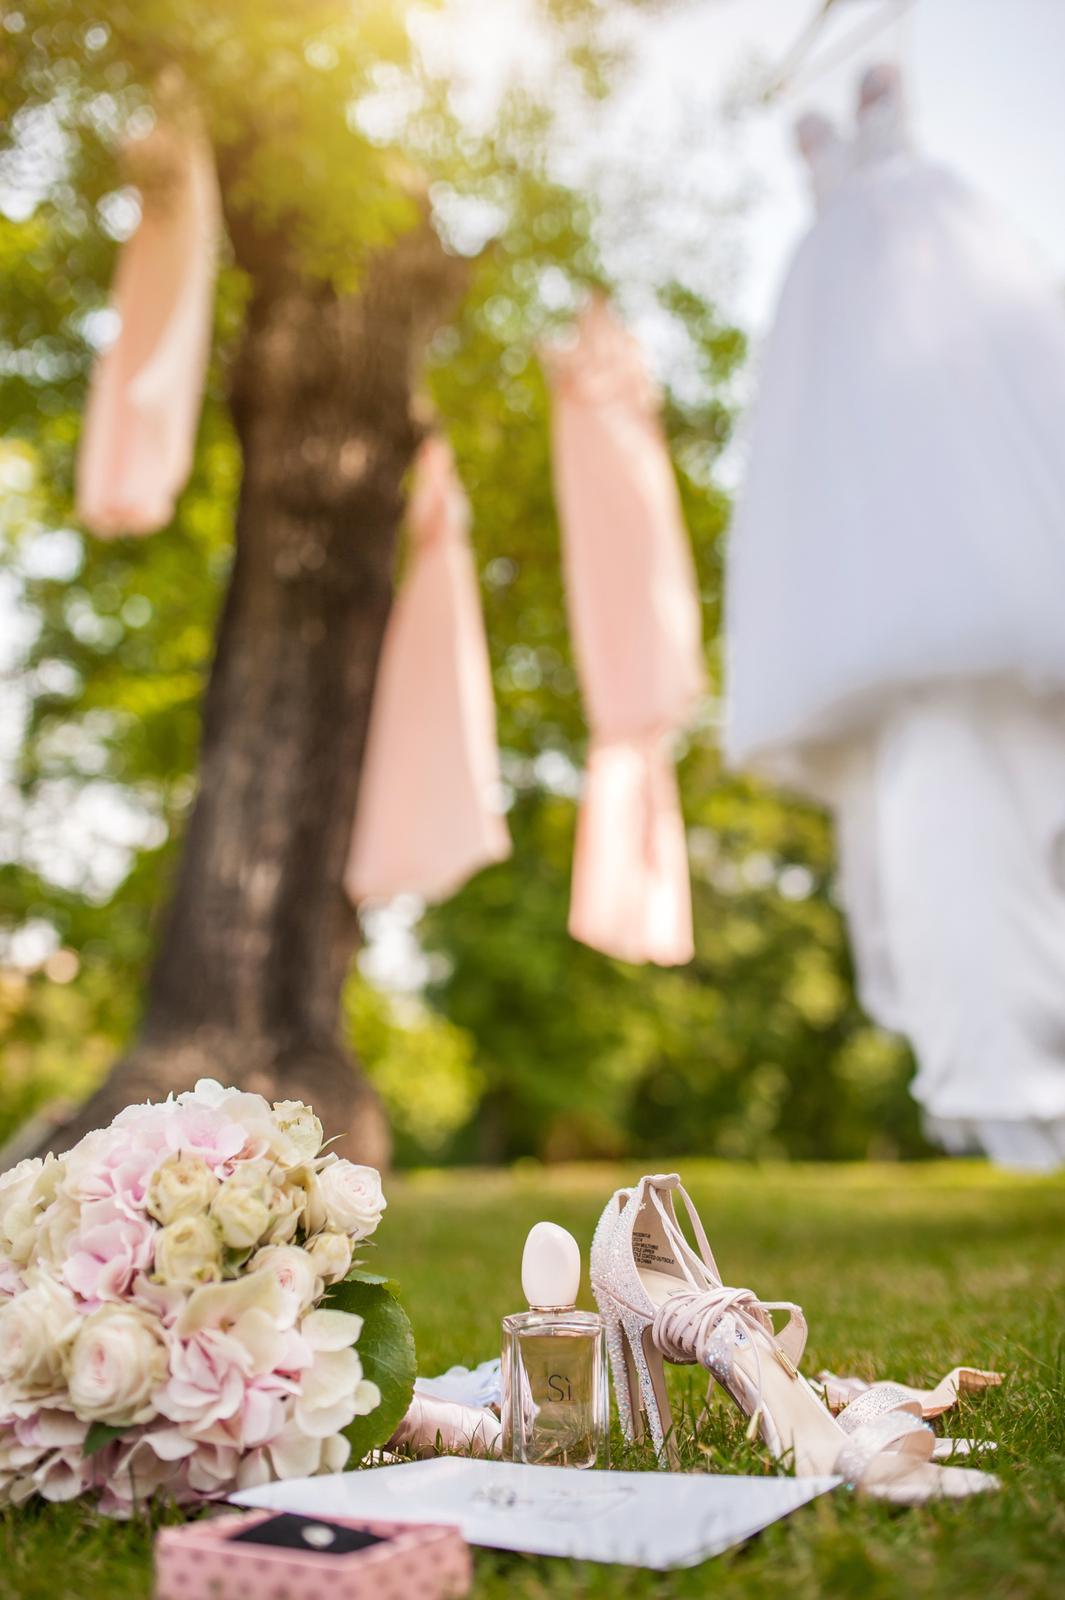 Wedding ♥ - Obrázek č. 13